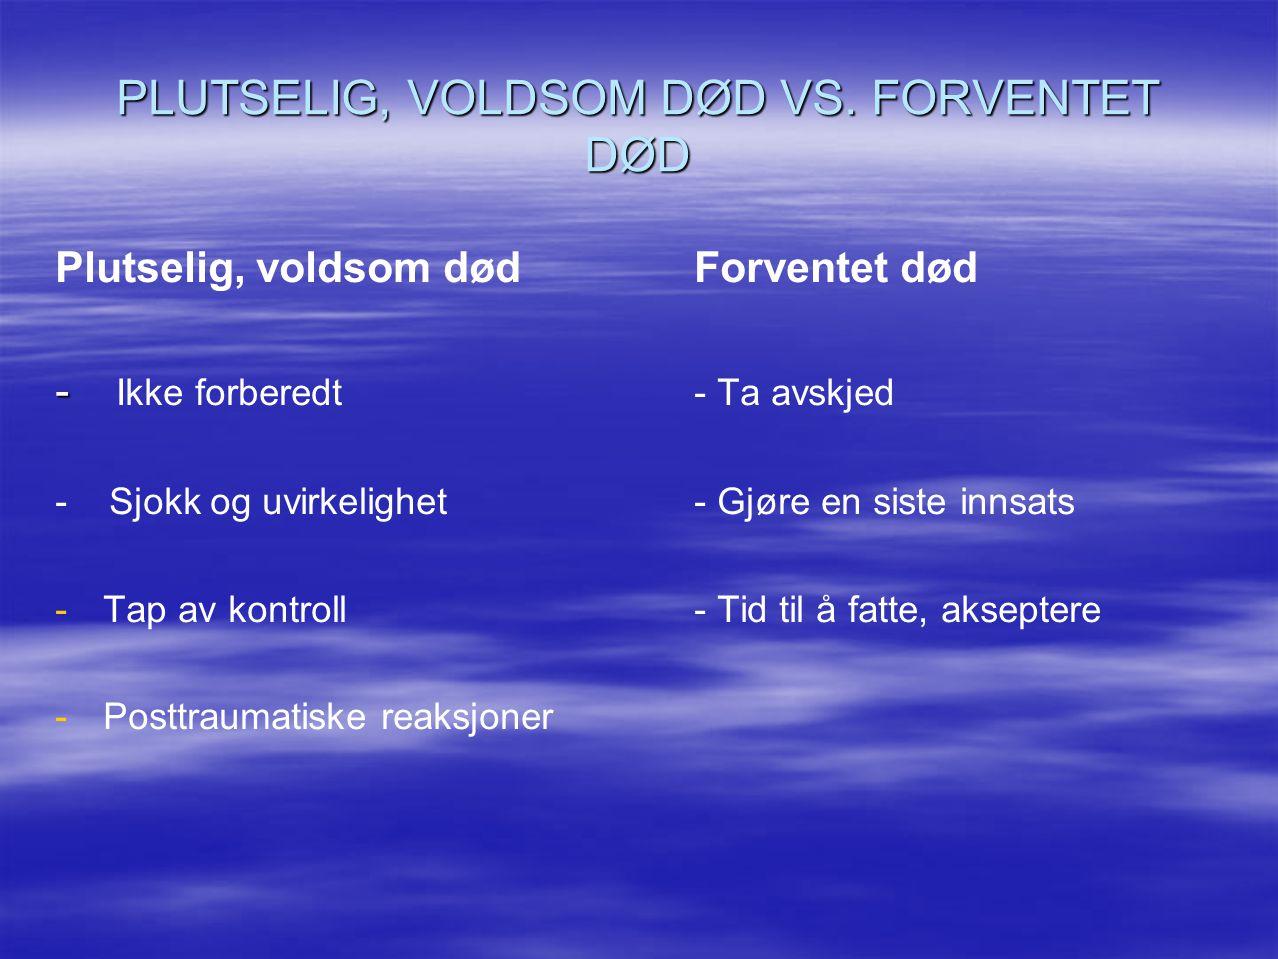 PLUTSELIG, VOLDSOM DØD VS. FORVENTET DØD